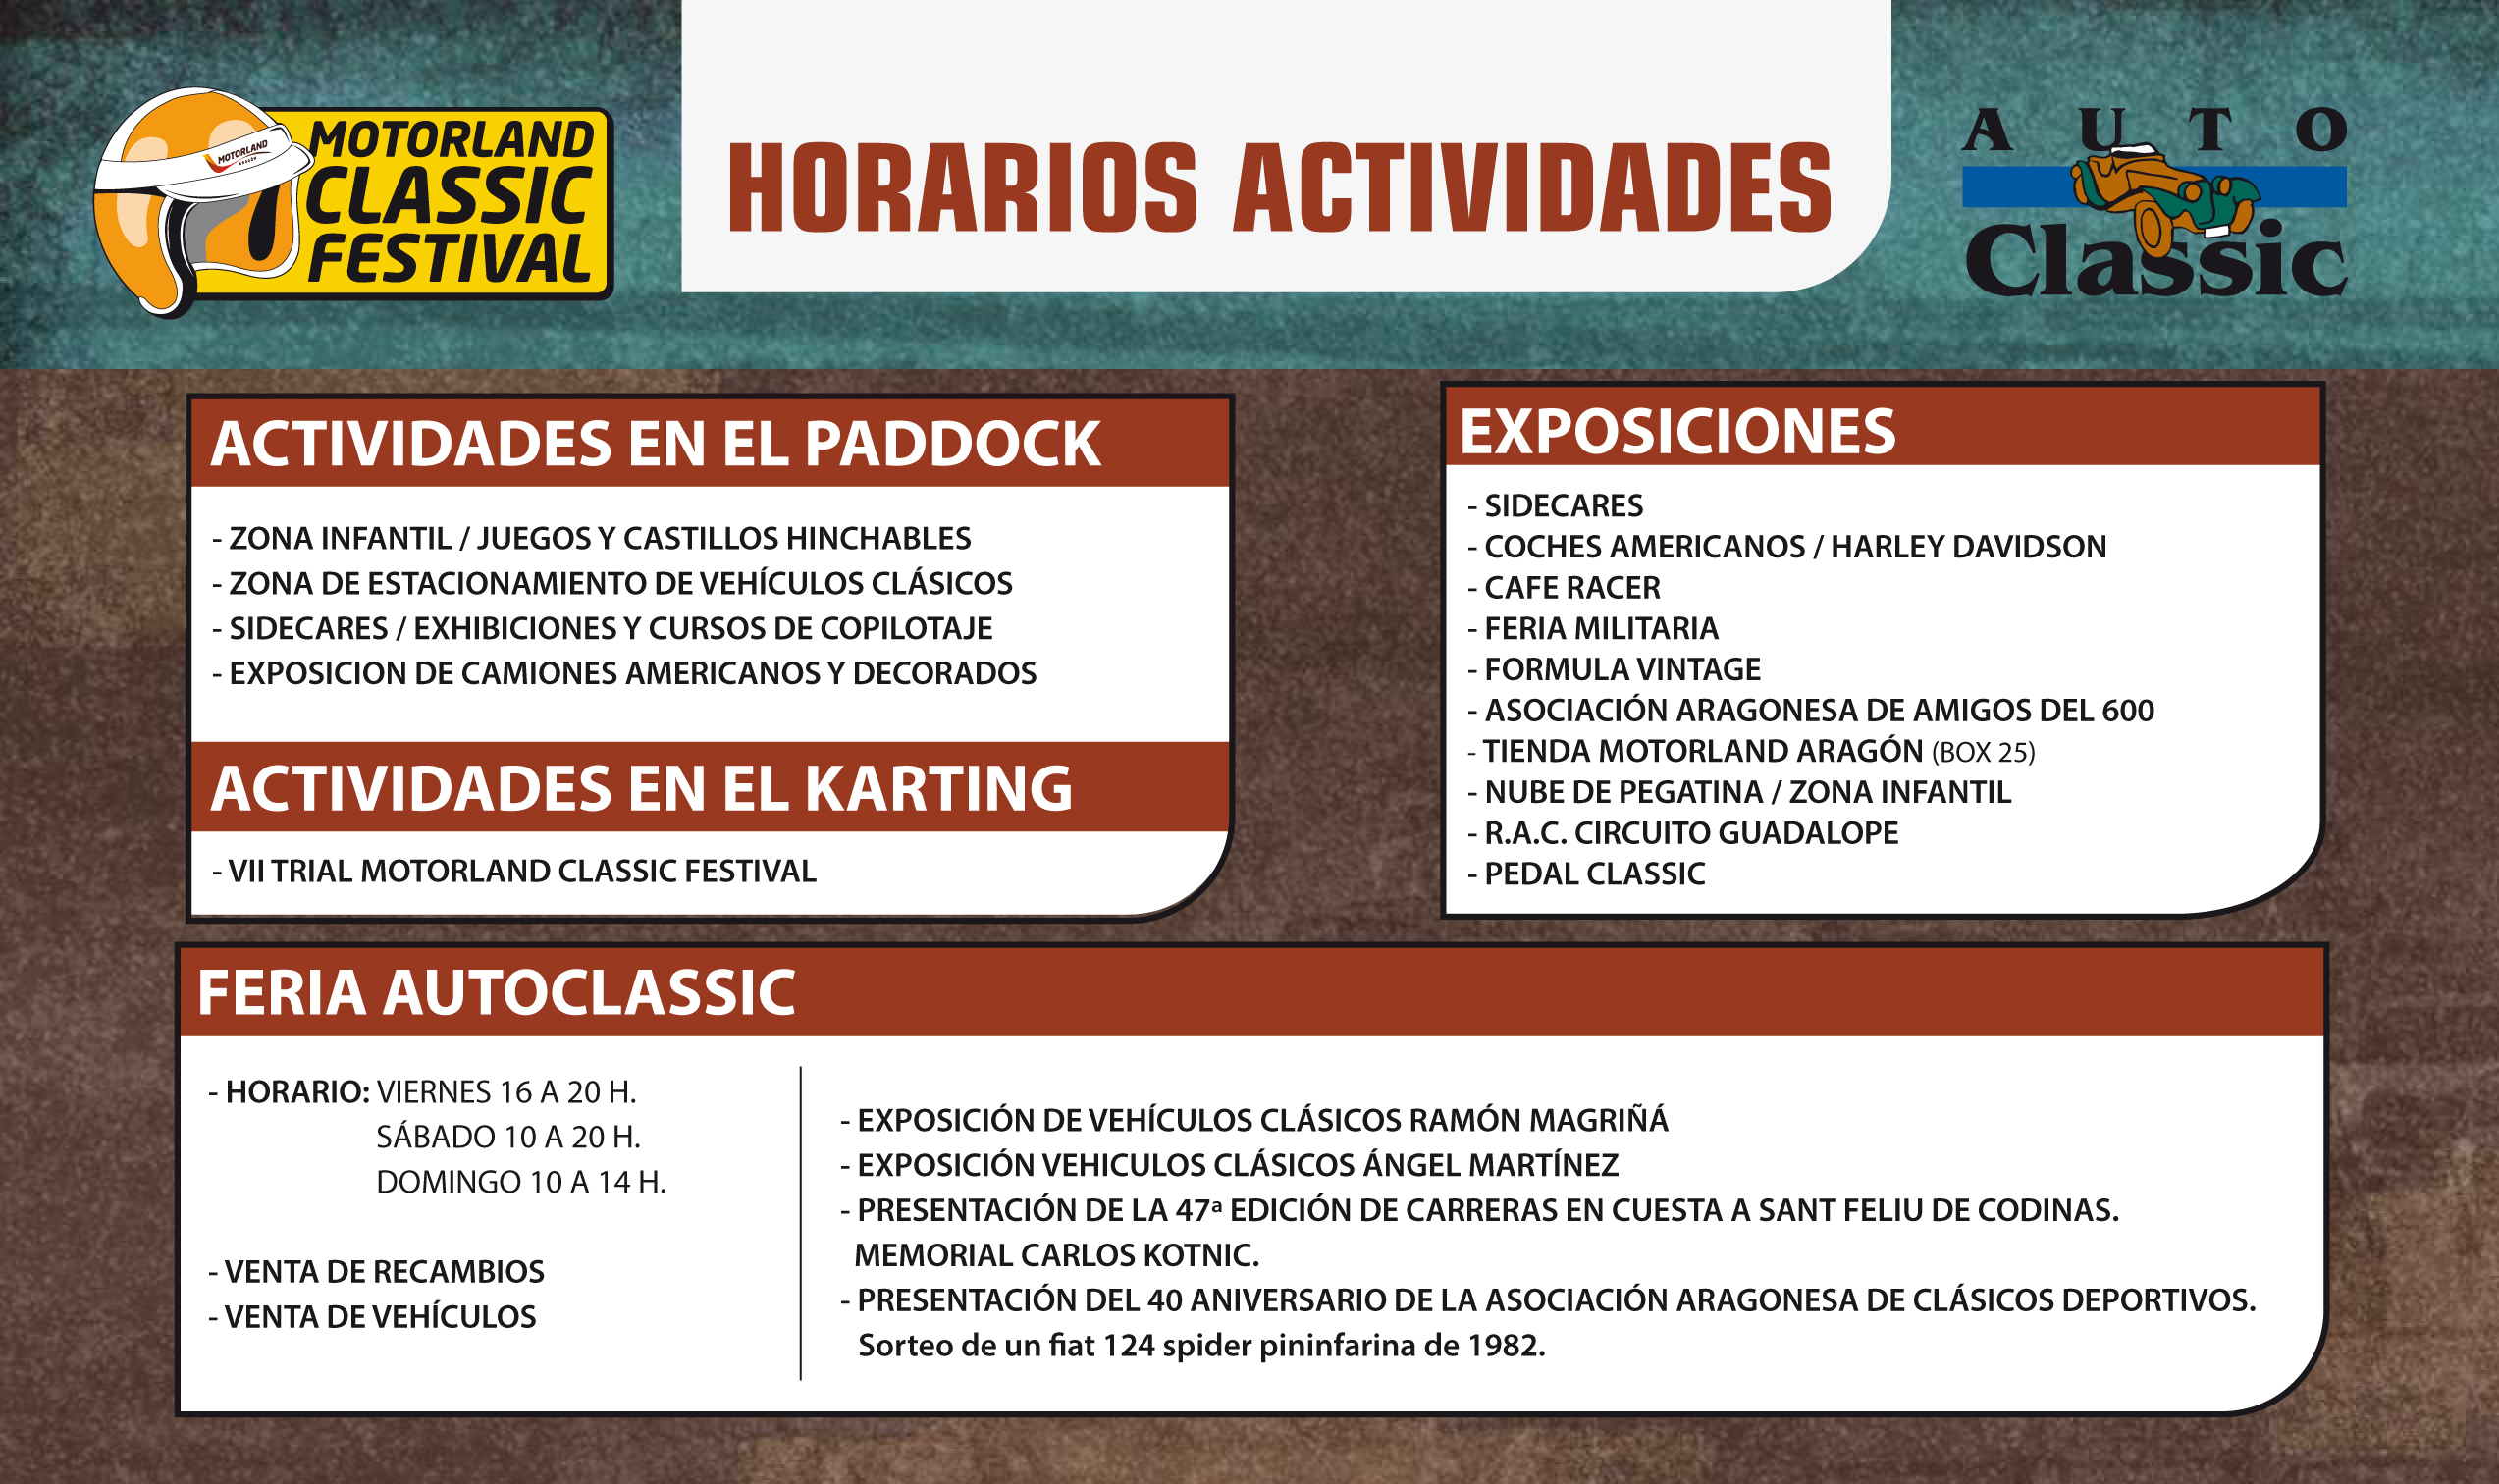 Horarios AutoClassic 2019